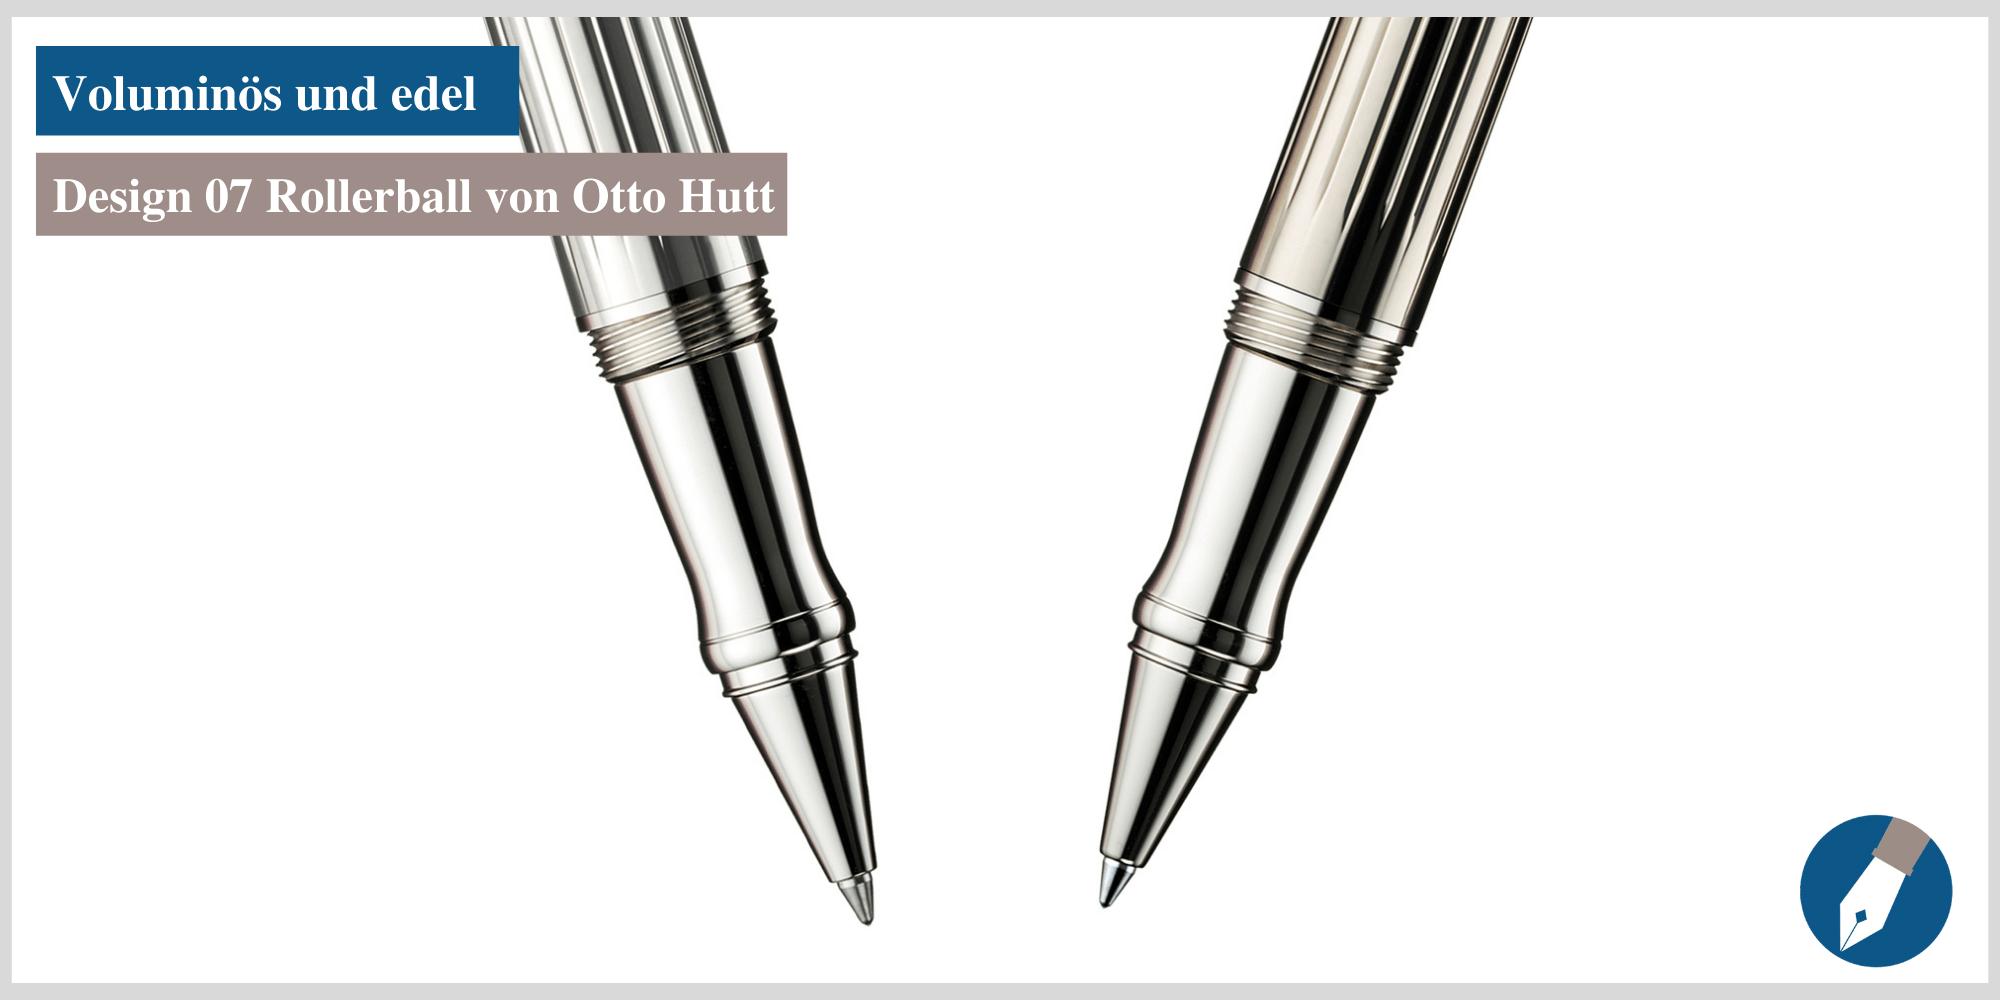 Der Design 07 Tintenroller von Otto Hutt. Jetzt auch bei MiaSkribo erhältlich.